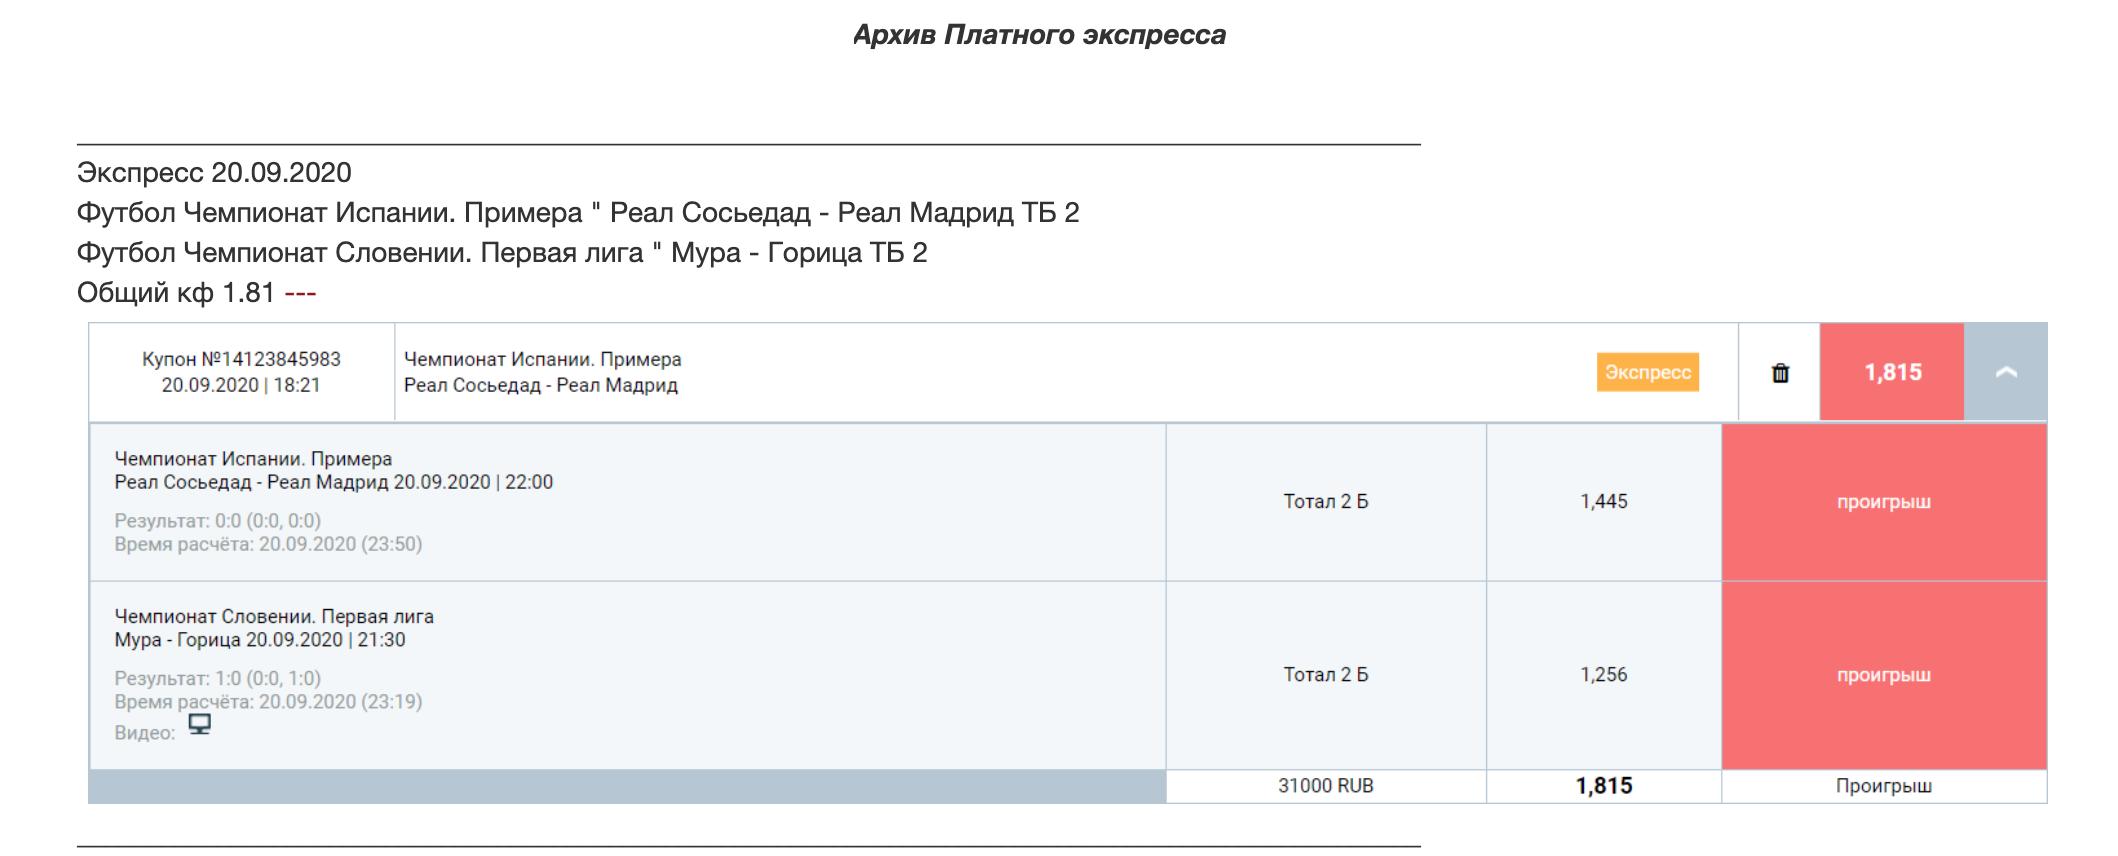 Отчеты на сайте betstes.ru